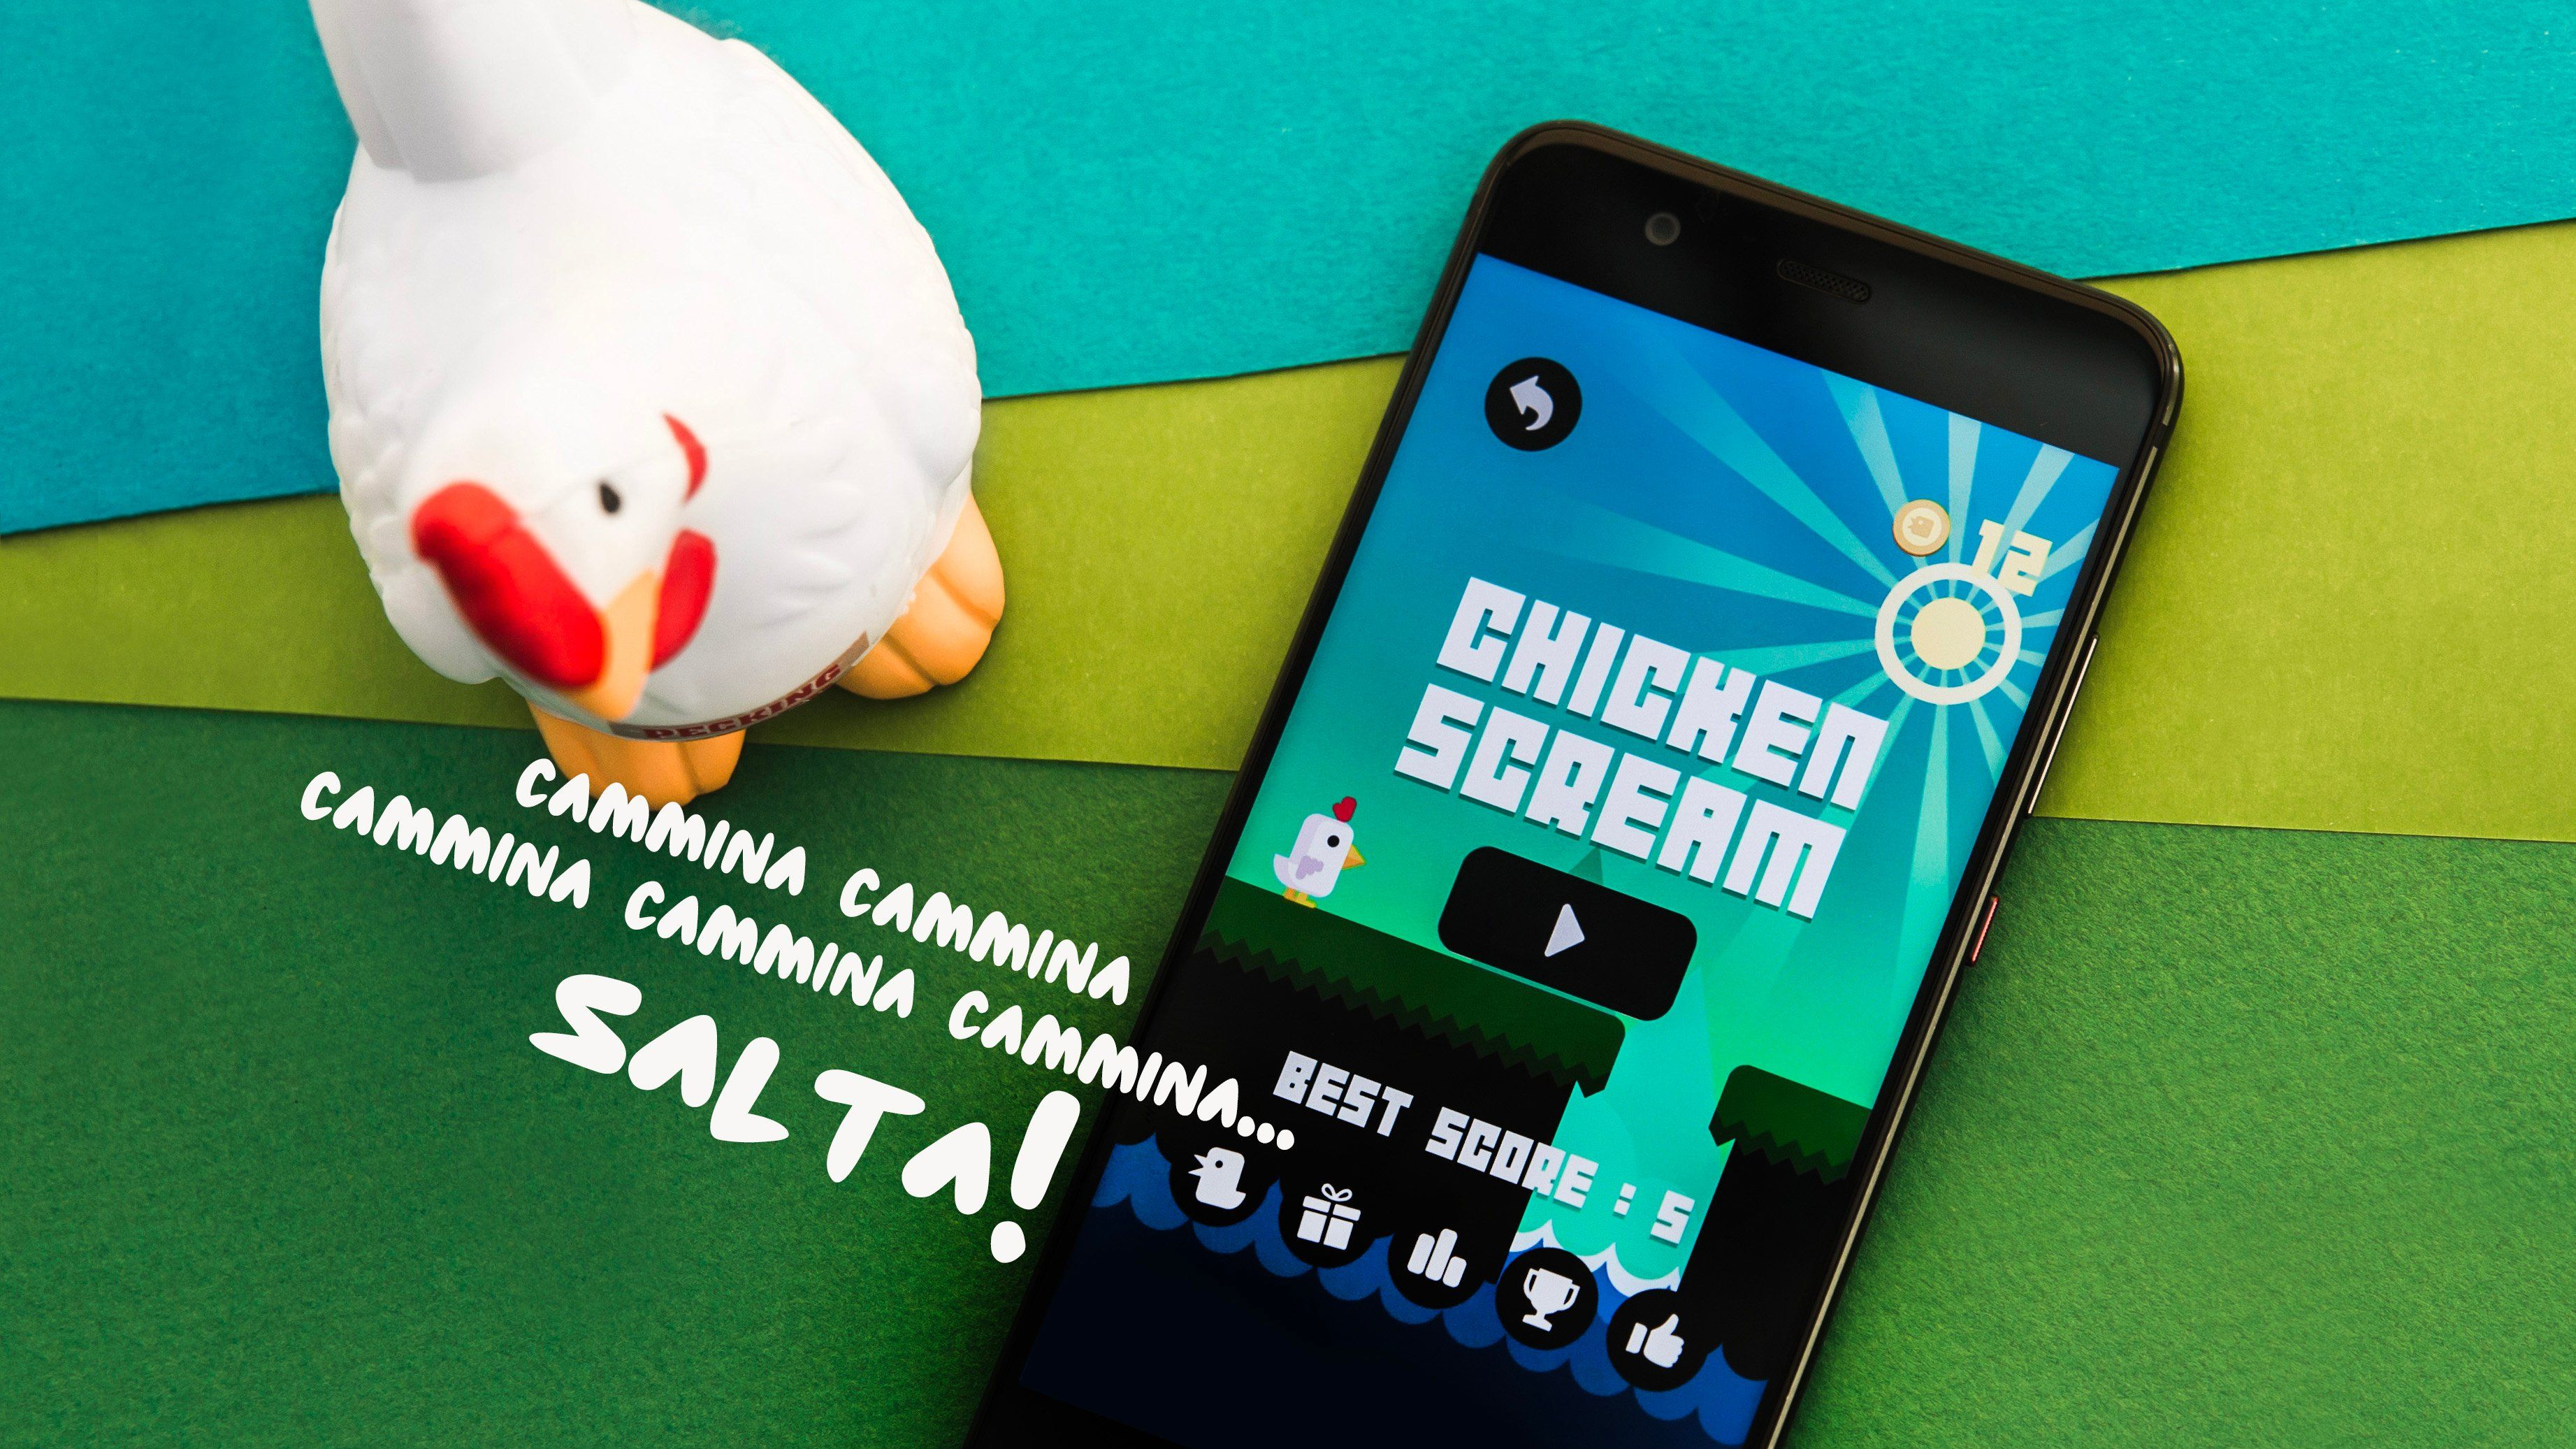 Chicken Scream : un jeu qui va faire du bruit https://t.co/1oc1kkz2gy https://t.co/akGTzz8jBZ